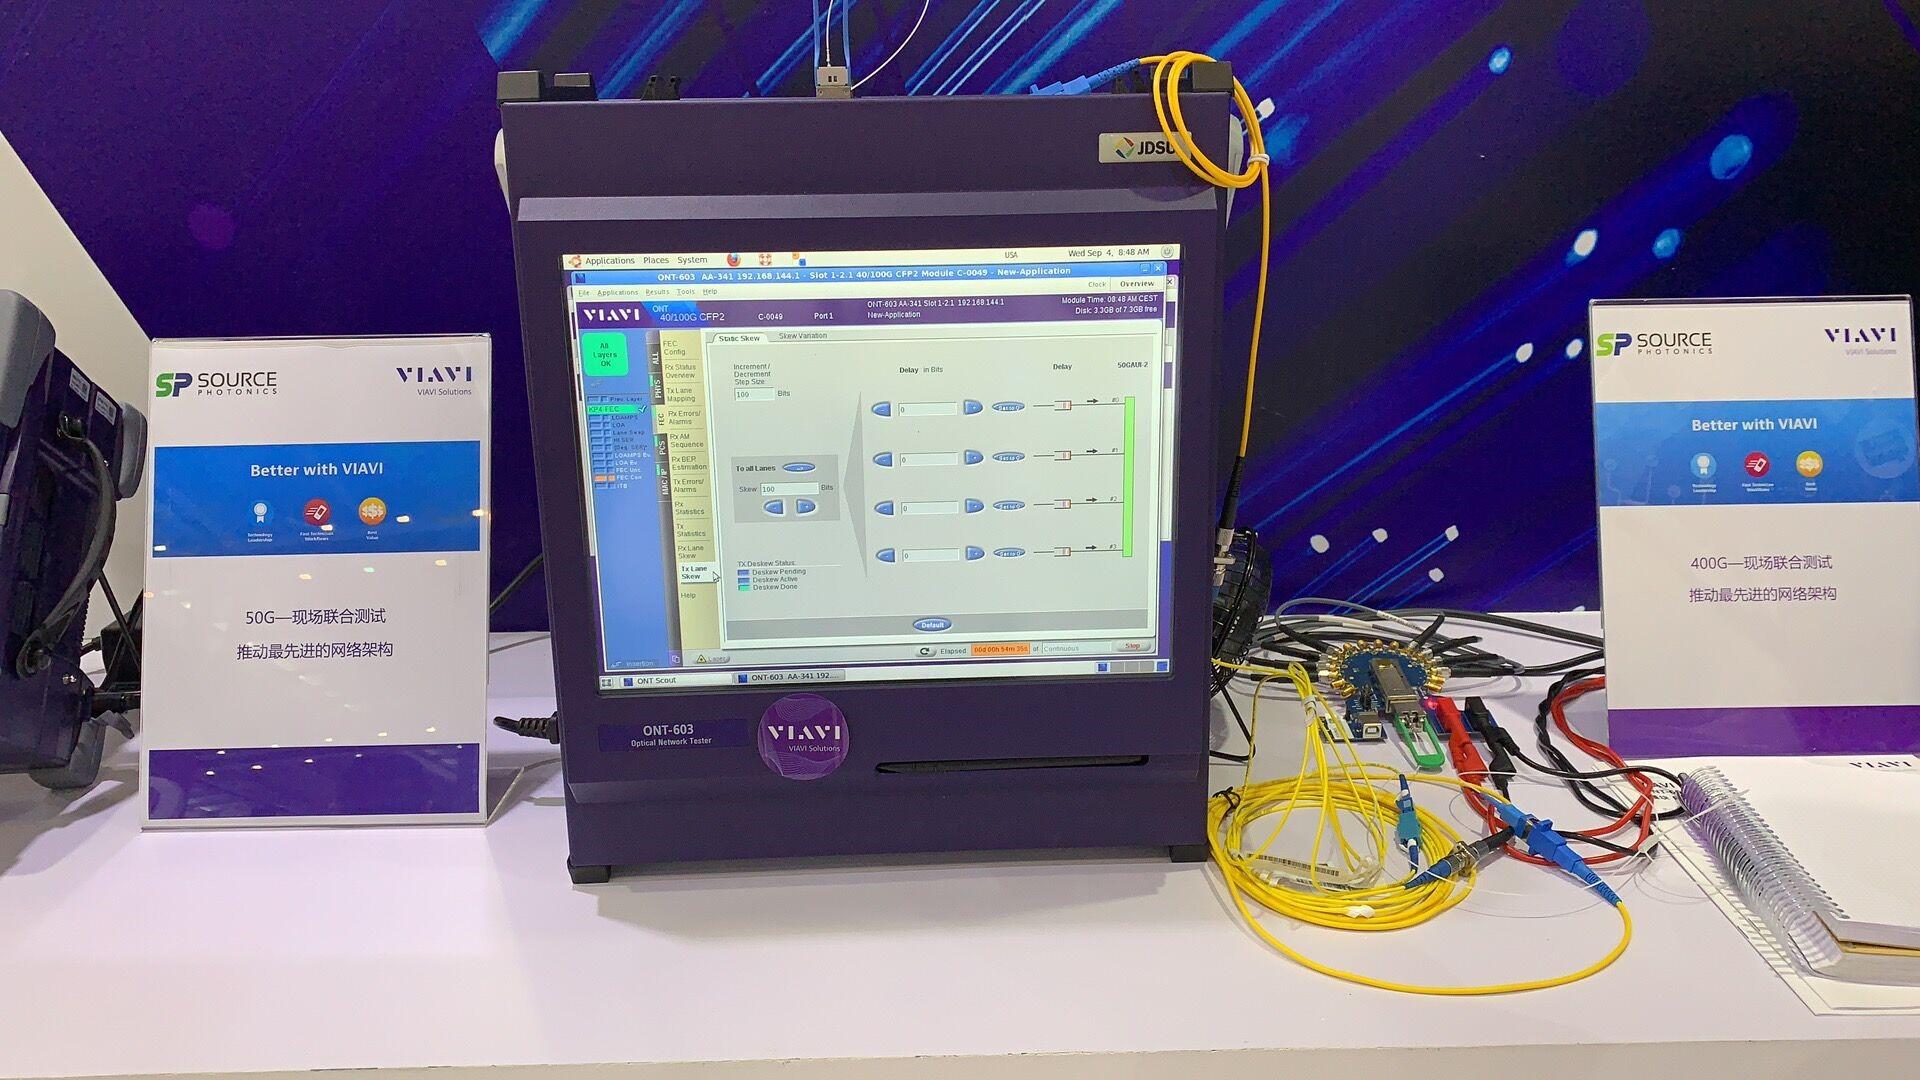 索尔思联合唯亚威在CIOE 2019演示其最新400G及50G光模块